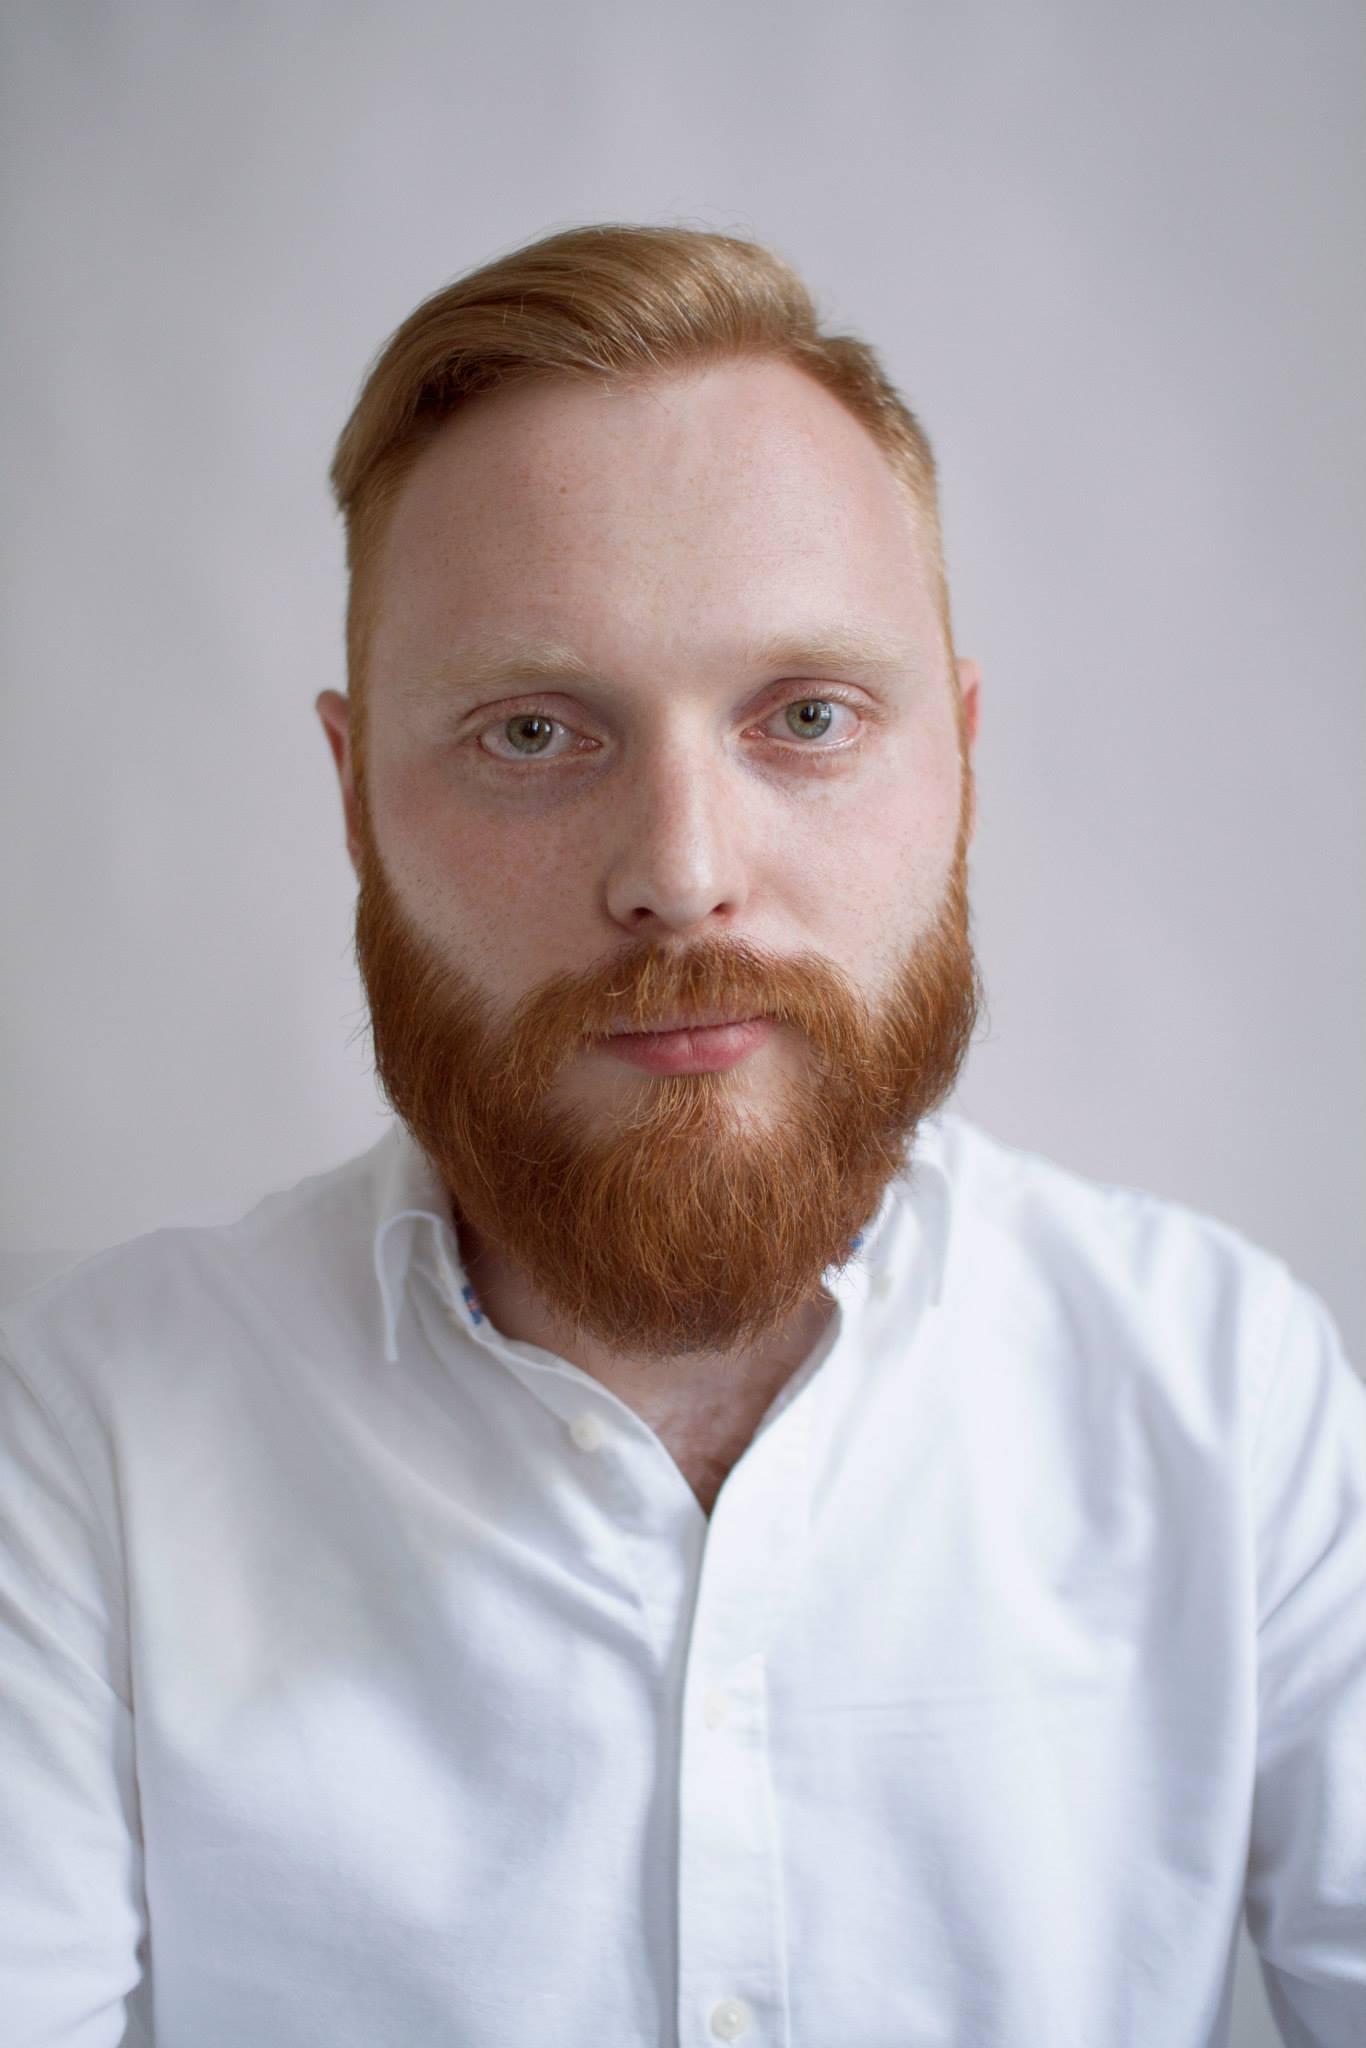 Projeto Ginger: Retratos que lutam contra a discriminação aos ruivos 07